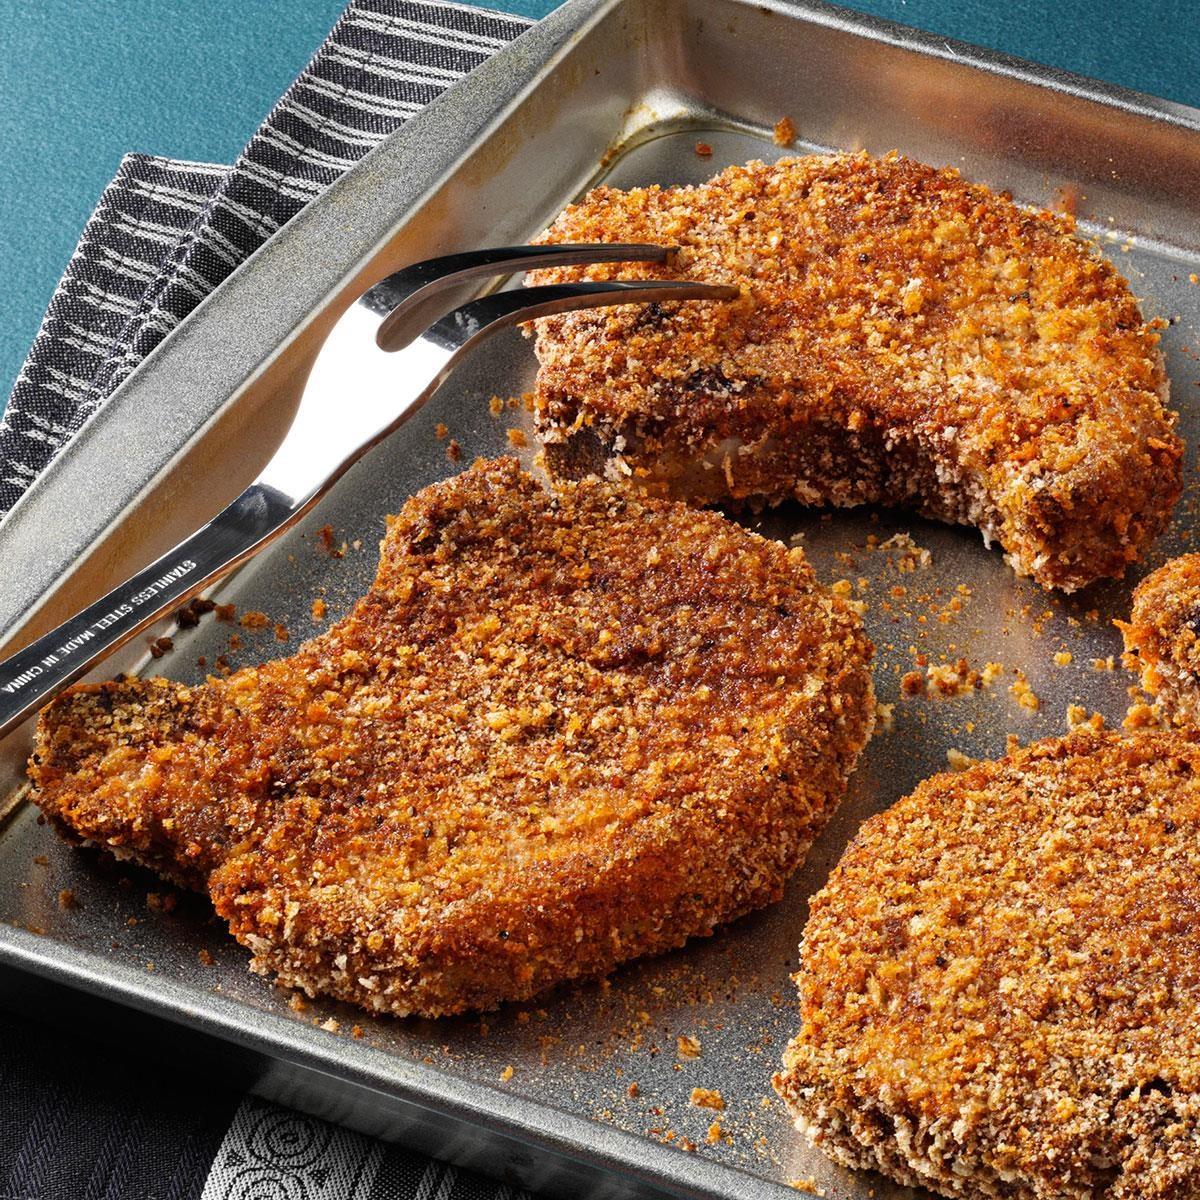 Chili-Spiced Pork Chops Recipe